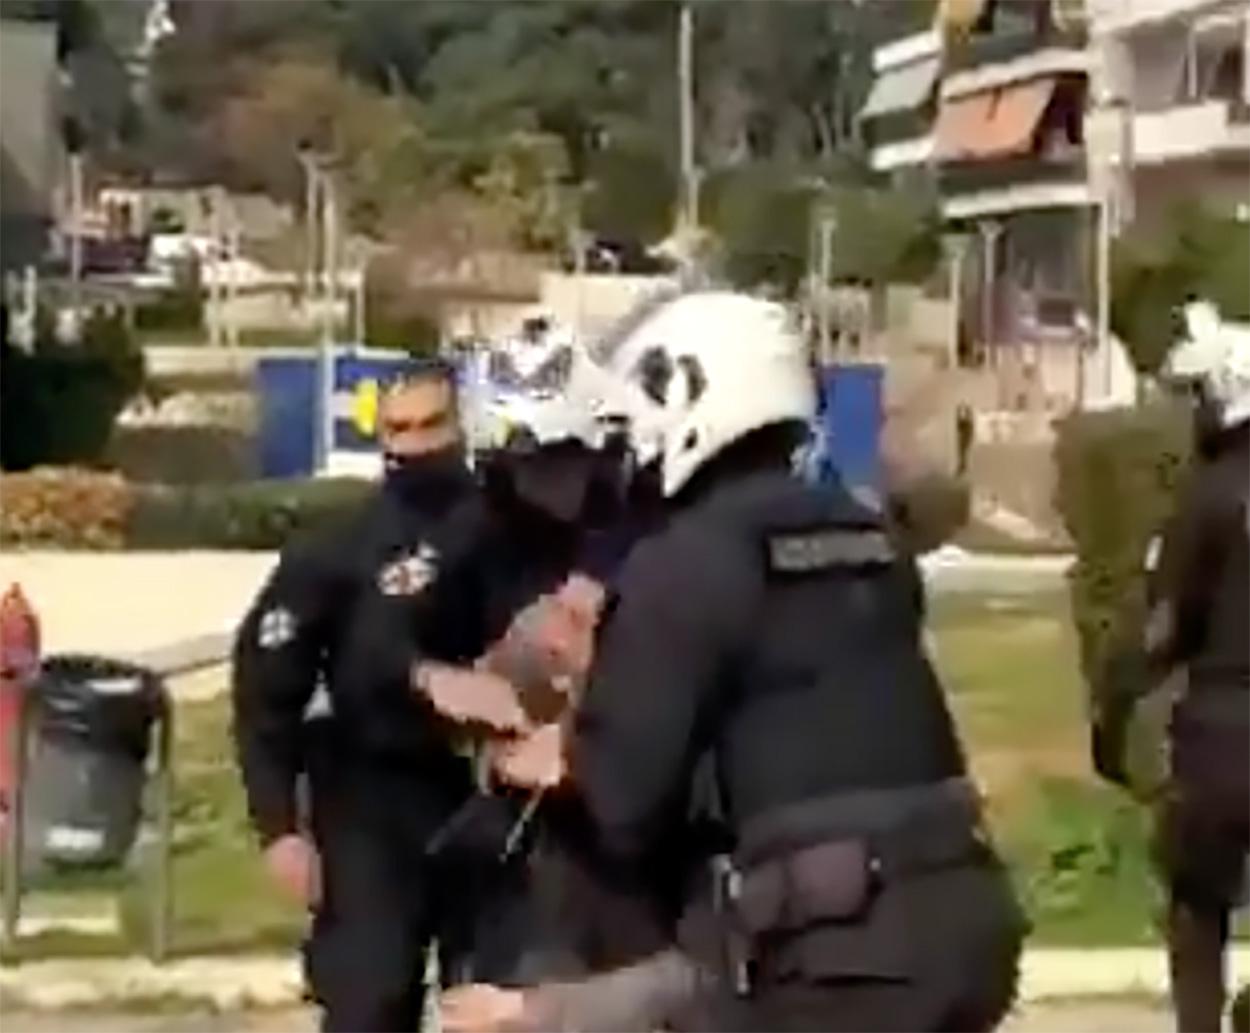 Νέα Σμύρνη: Εισαγγελική παρέμβαση για το άγριο ξύλο αστυνομικών σε πολίτες